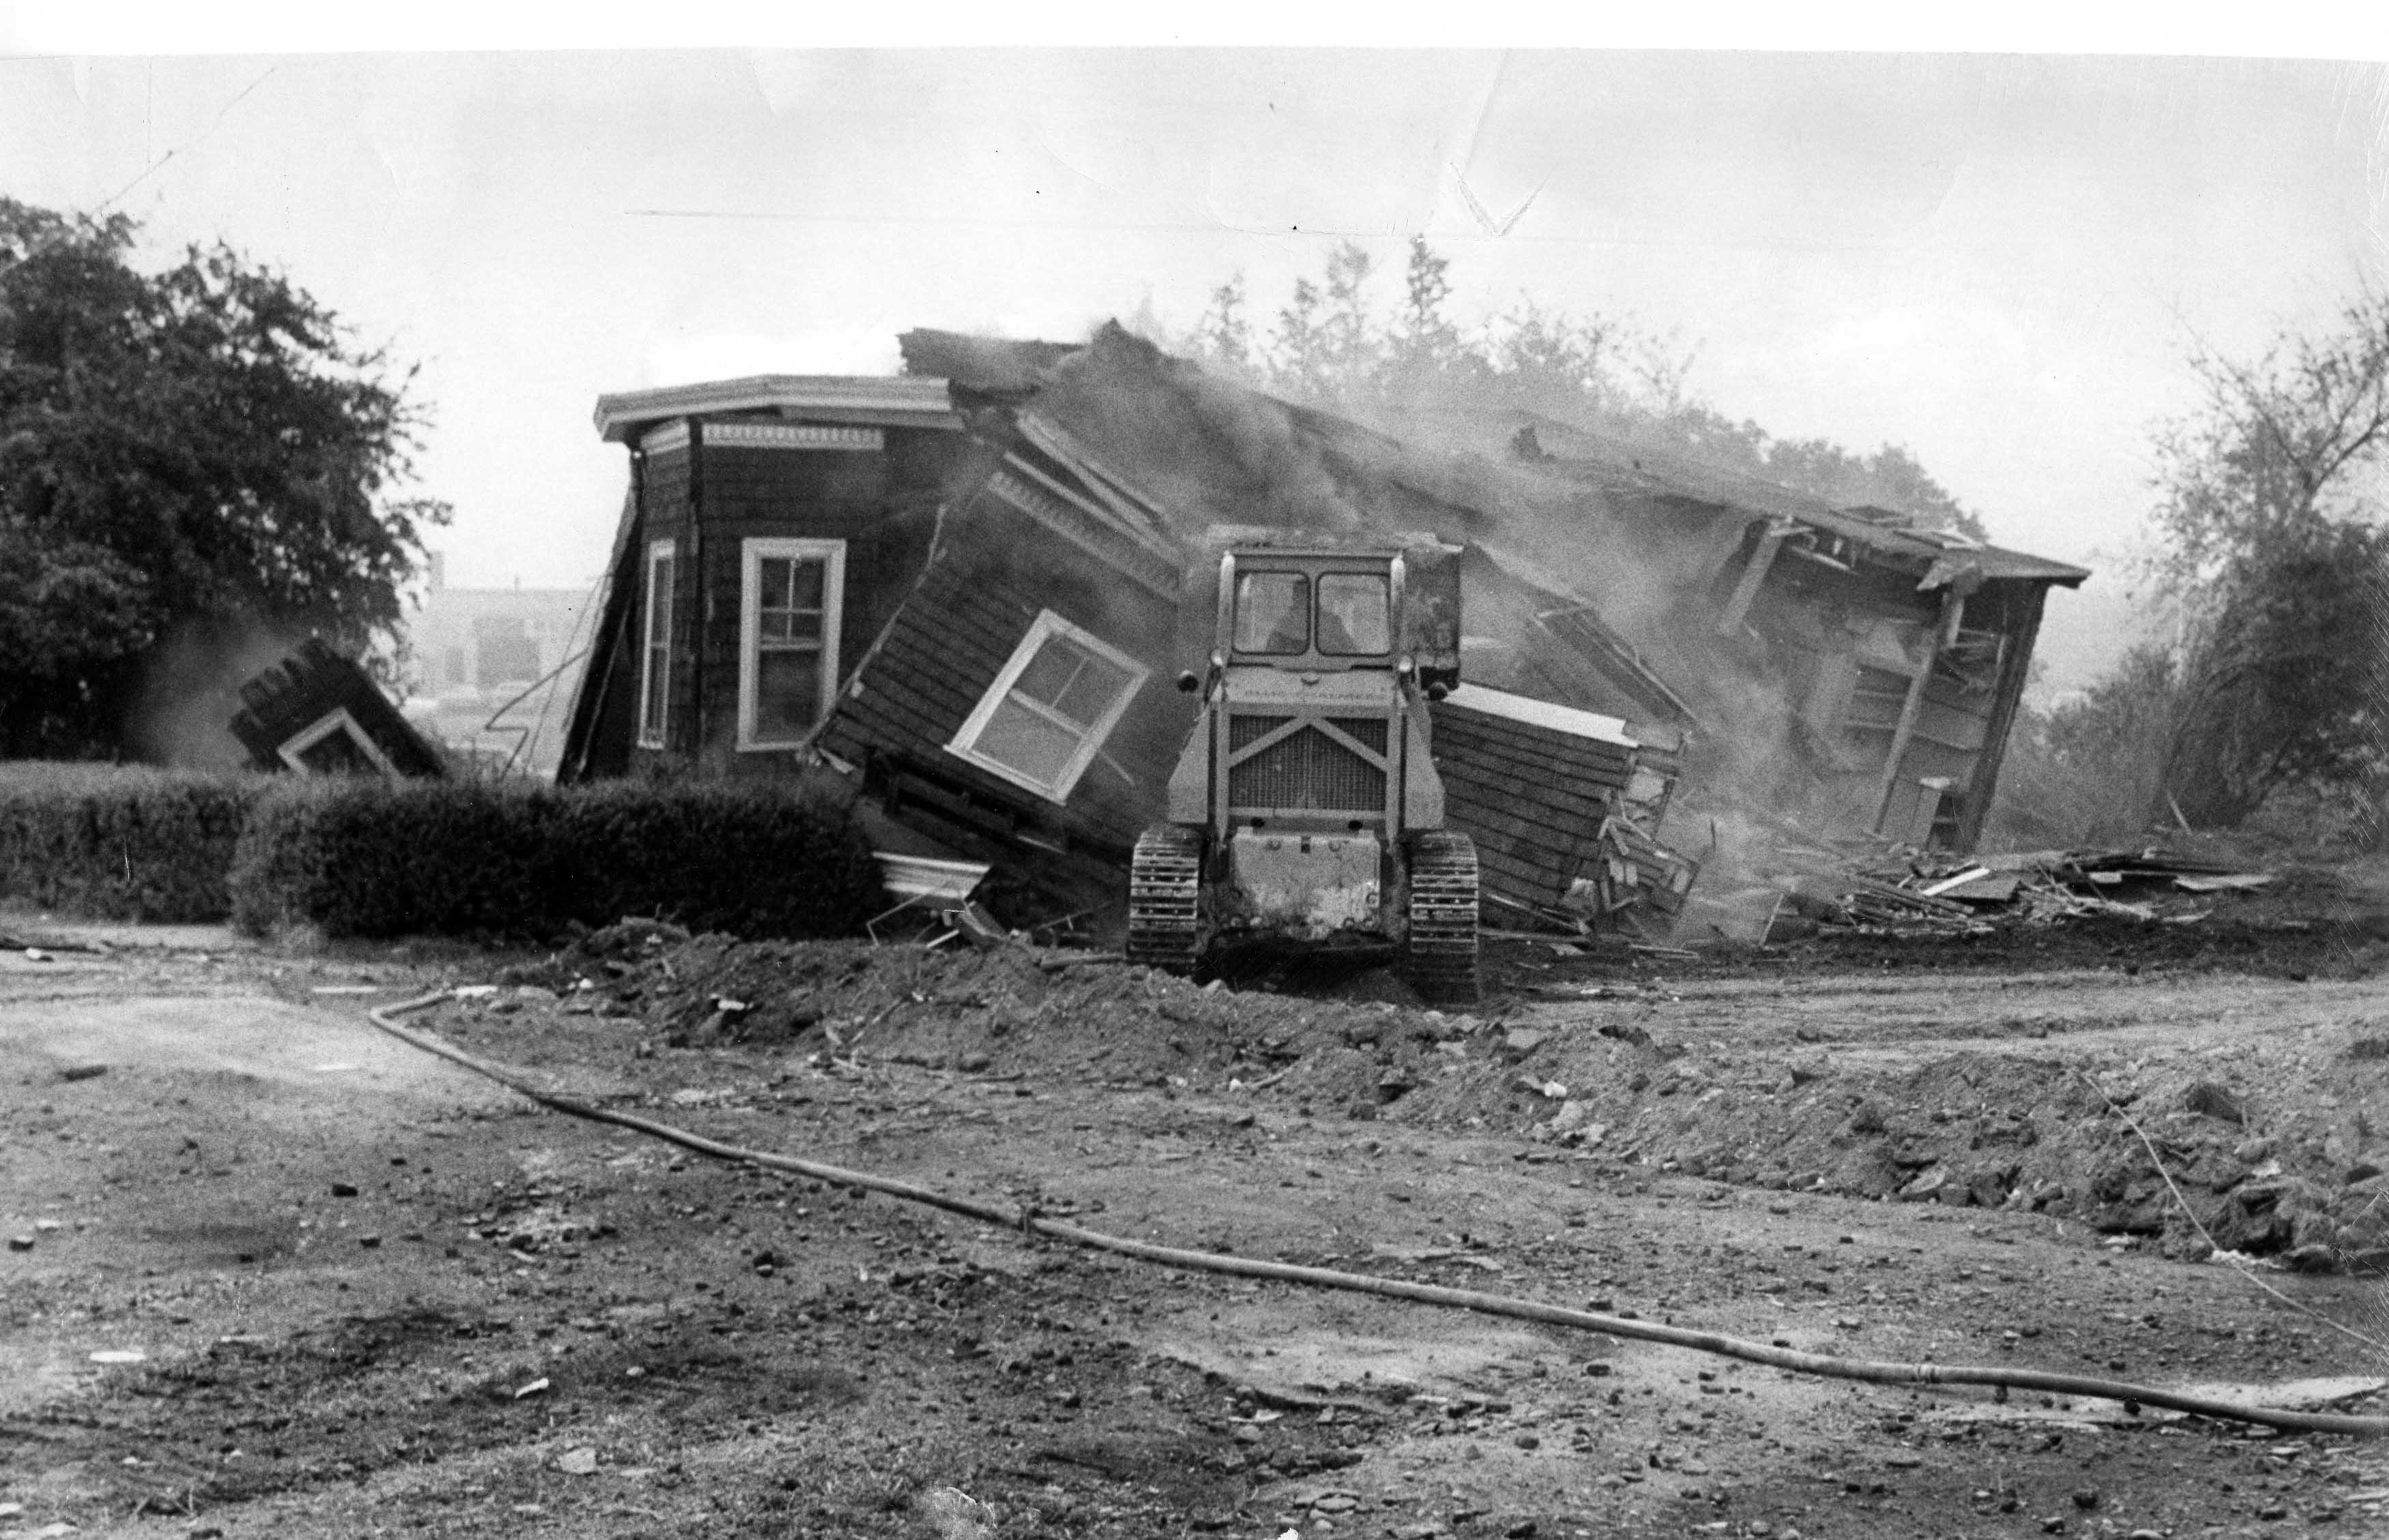 BarrysCorner 1969 Demolition1